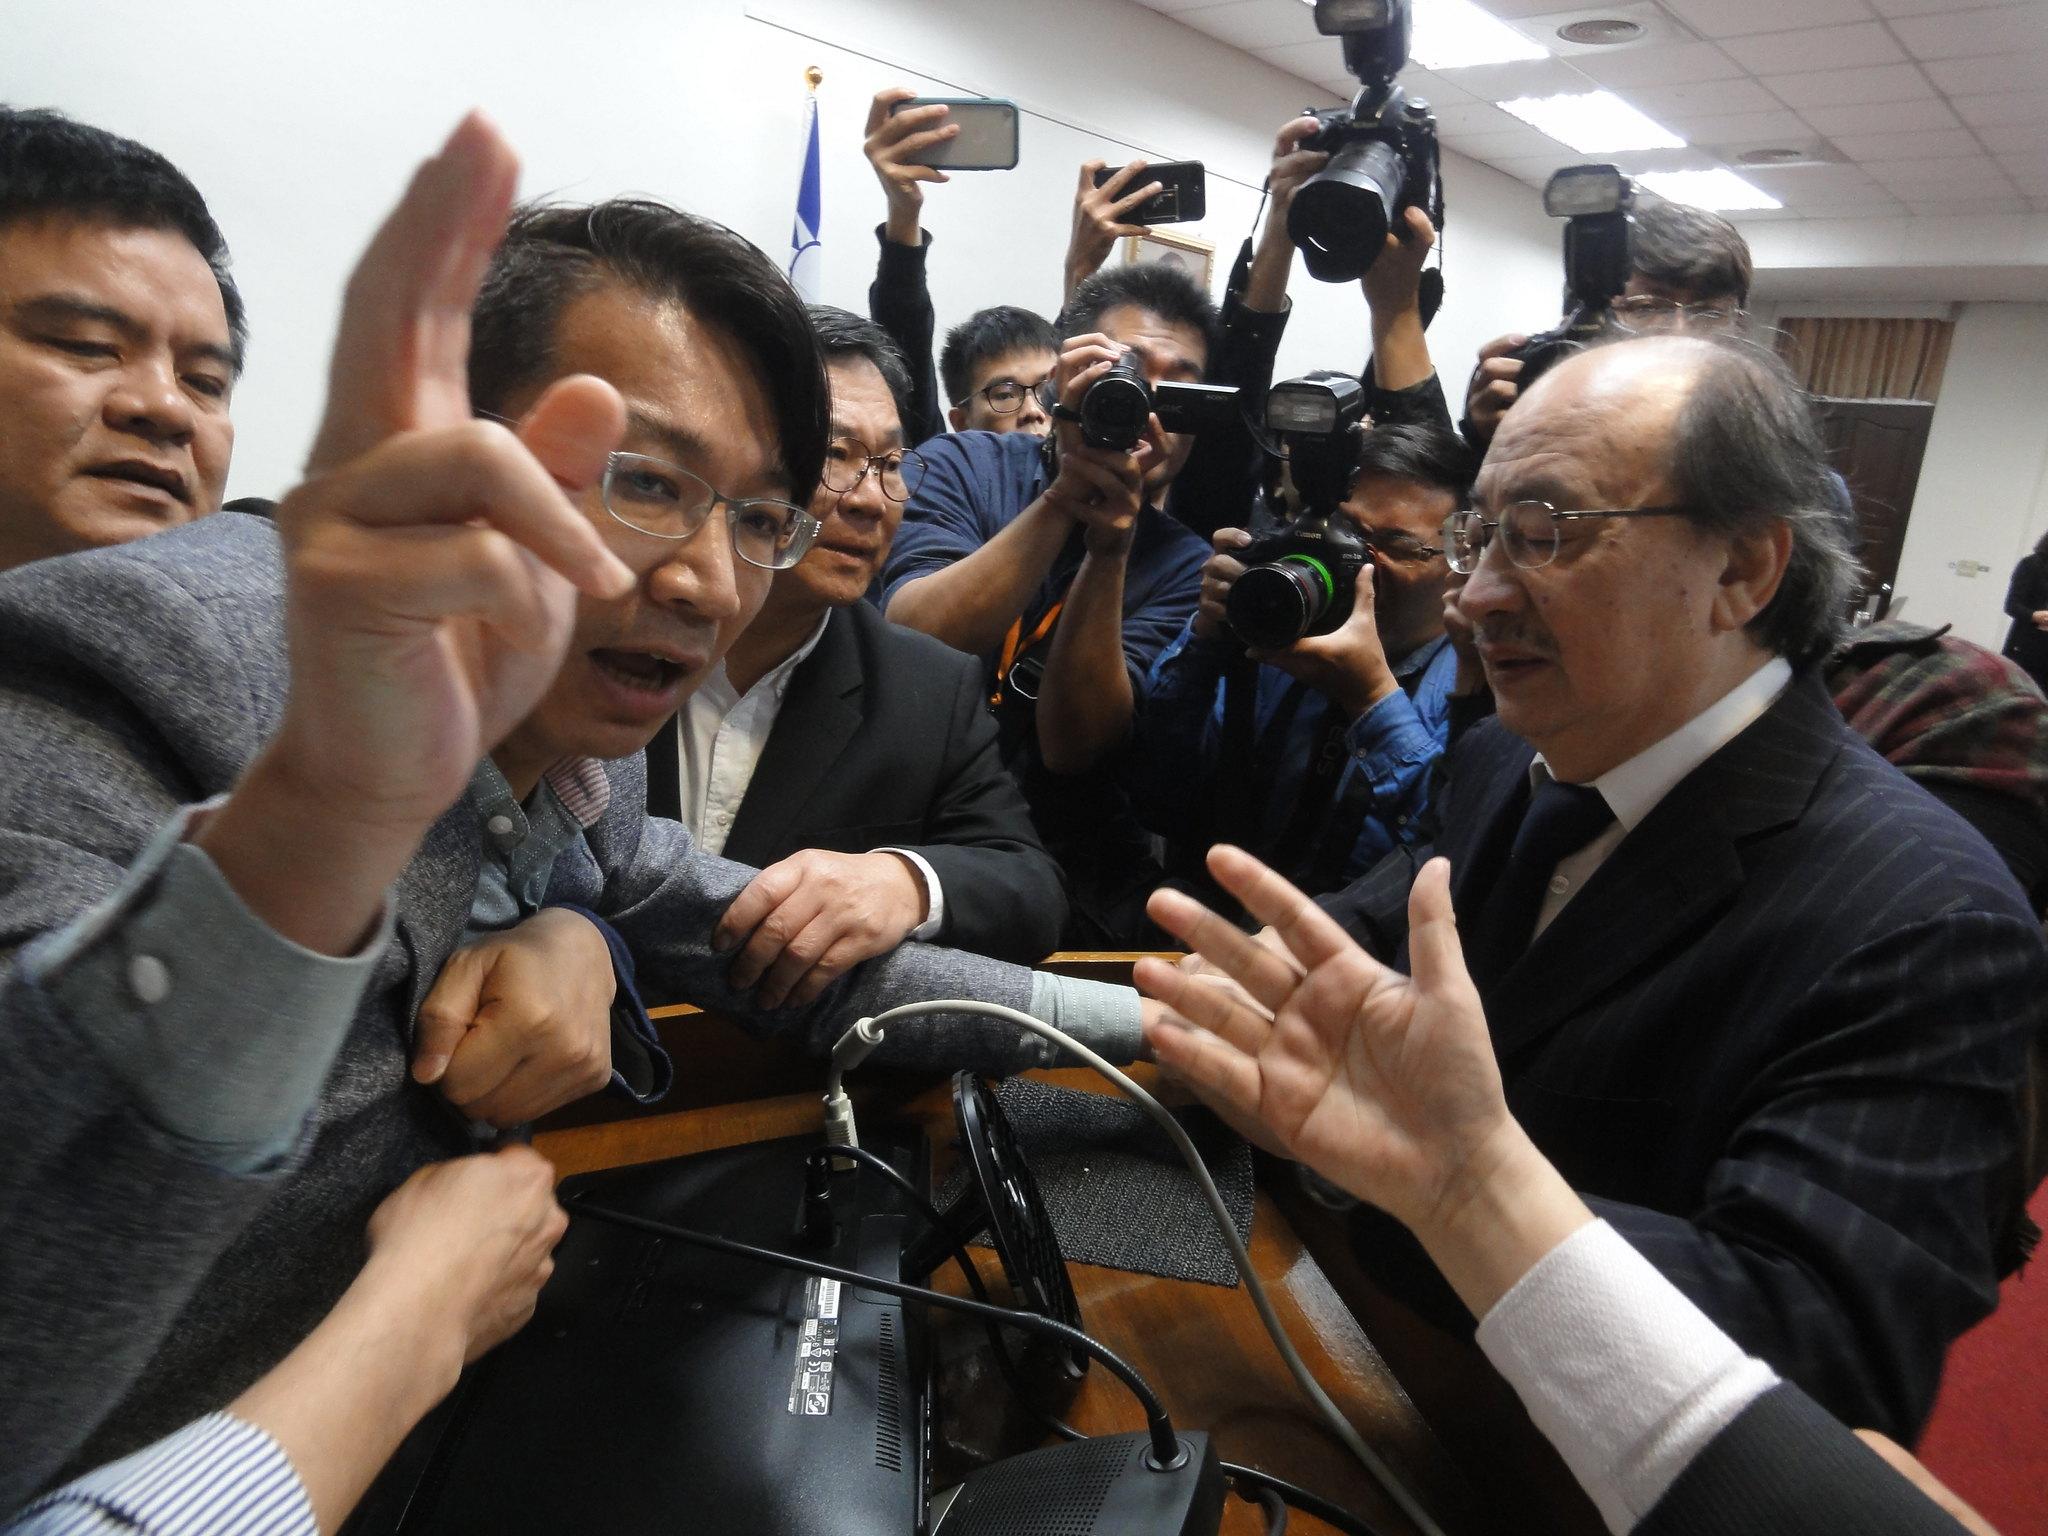 時代力量立委徐永明被拖離發言台。(攝影:張智琦)